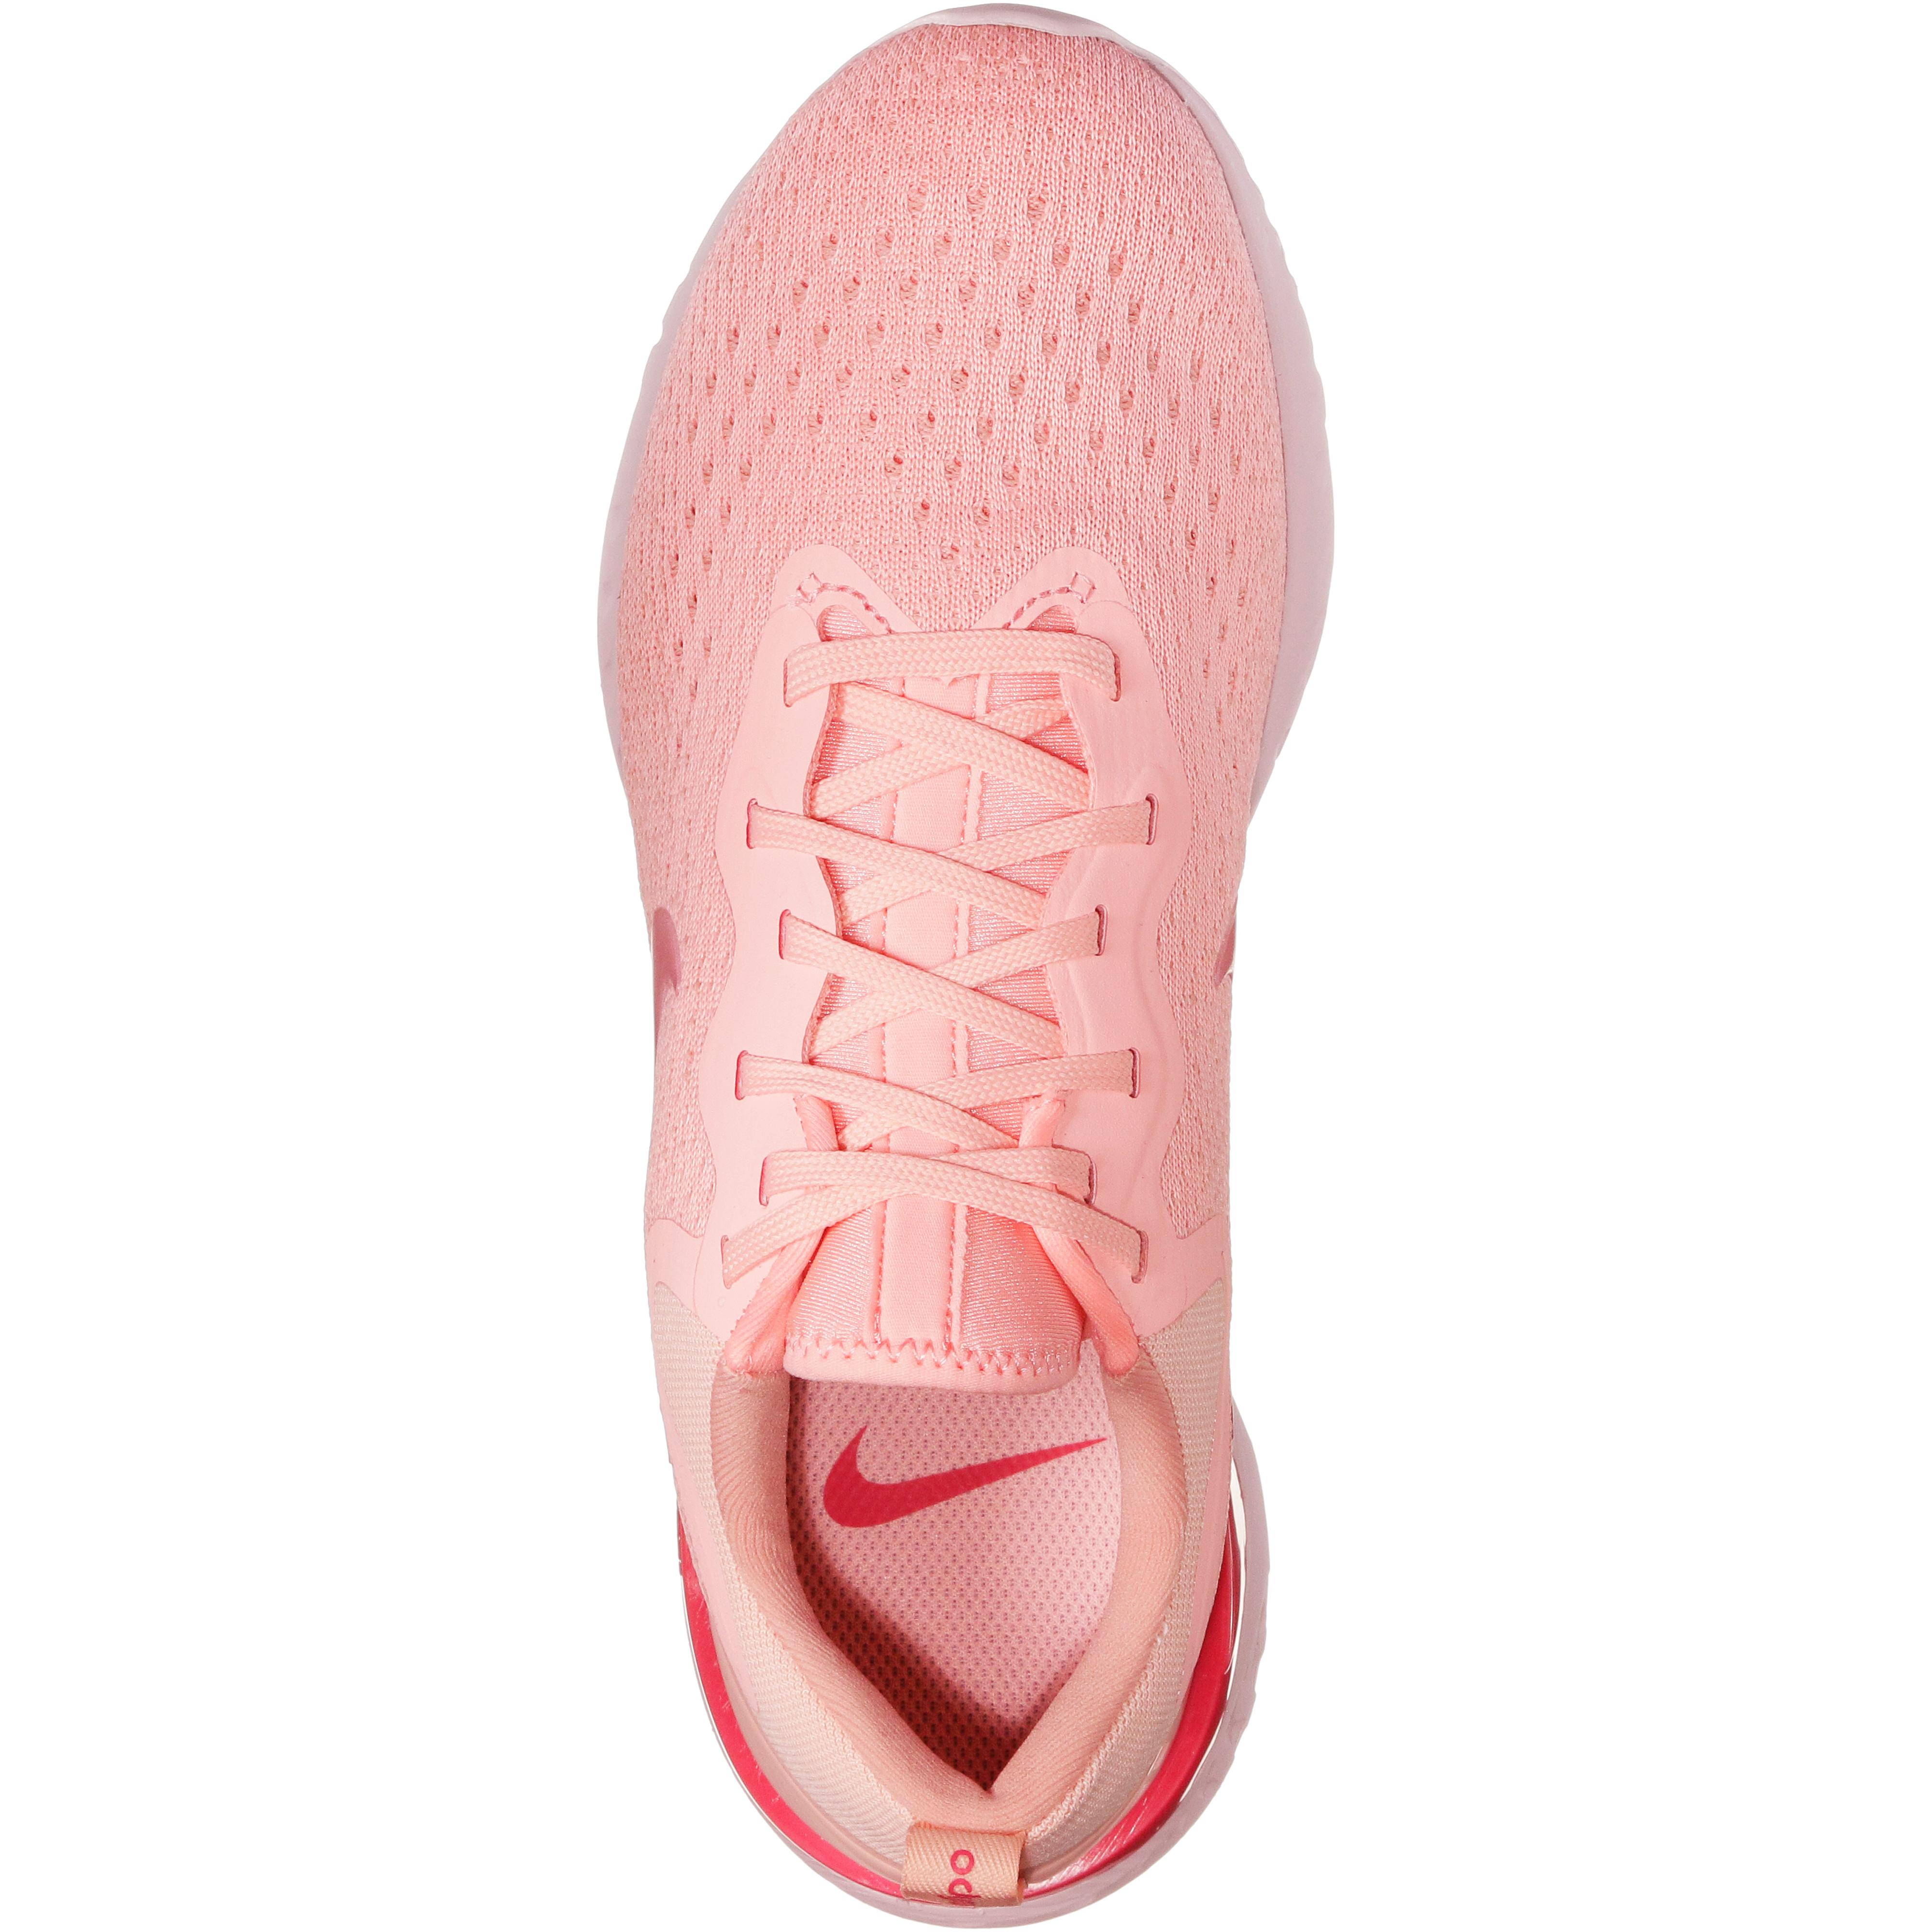 Nike Glide React Laufschuhe Damen Damen Damen lt-Silber-sail-mica-Grün-crimson-tint-lt-cream im Online Shop von SportScheck kaufen Gute Qualität beliebte Schuhe 343acf